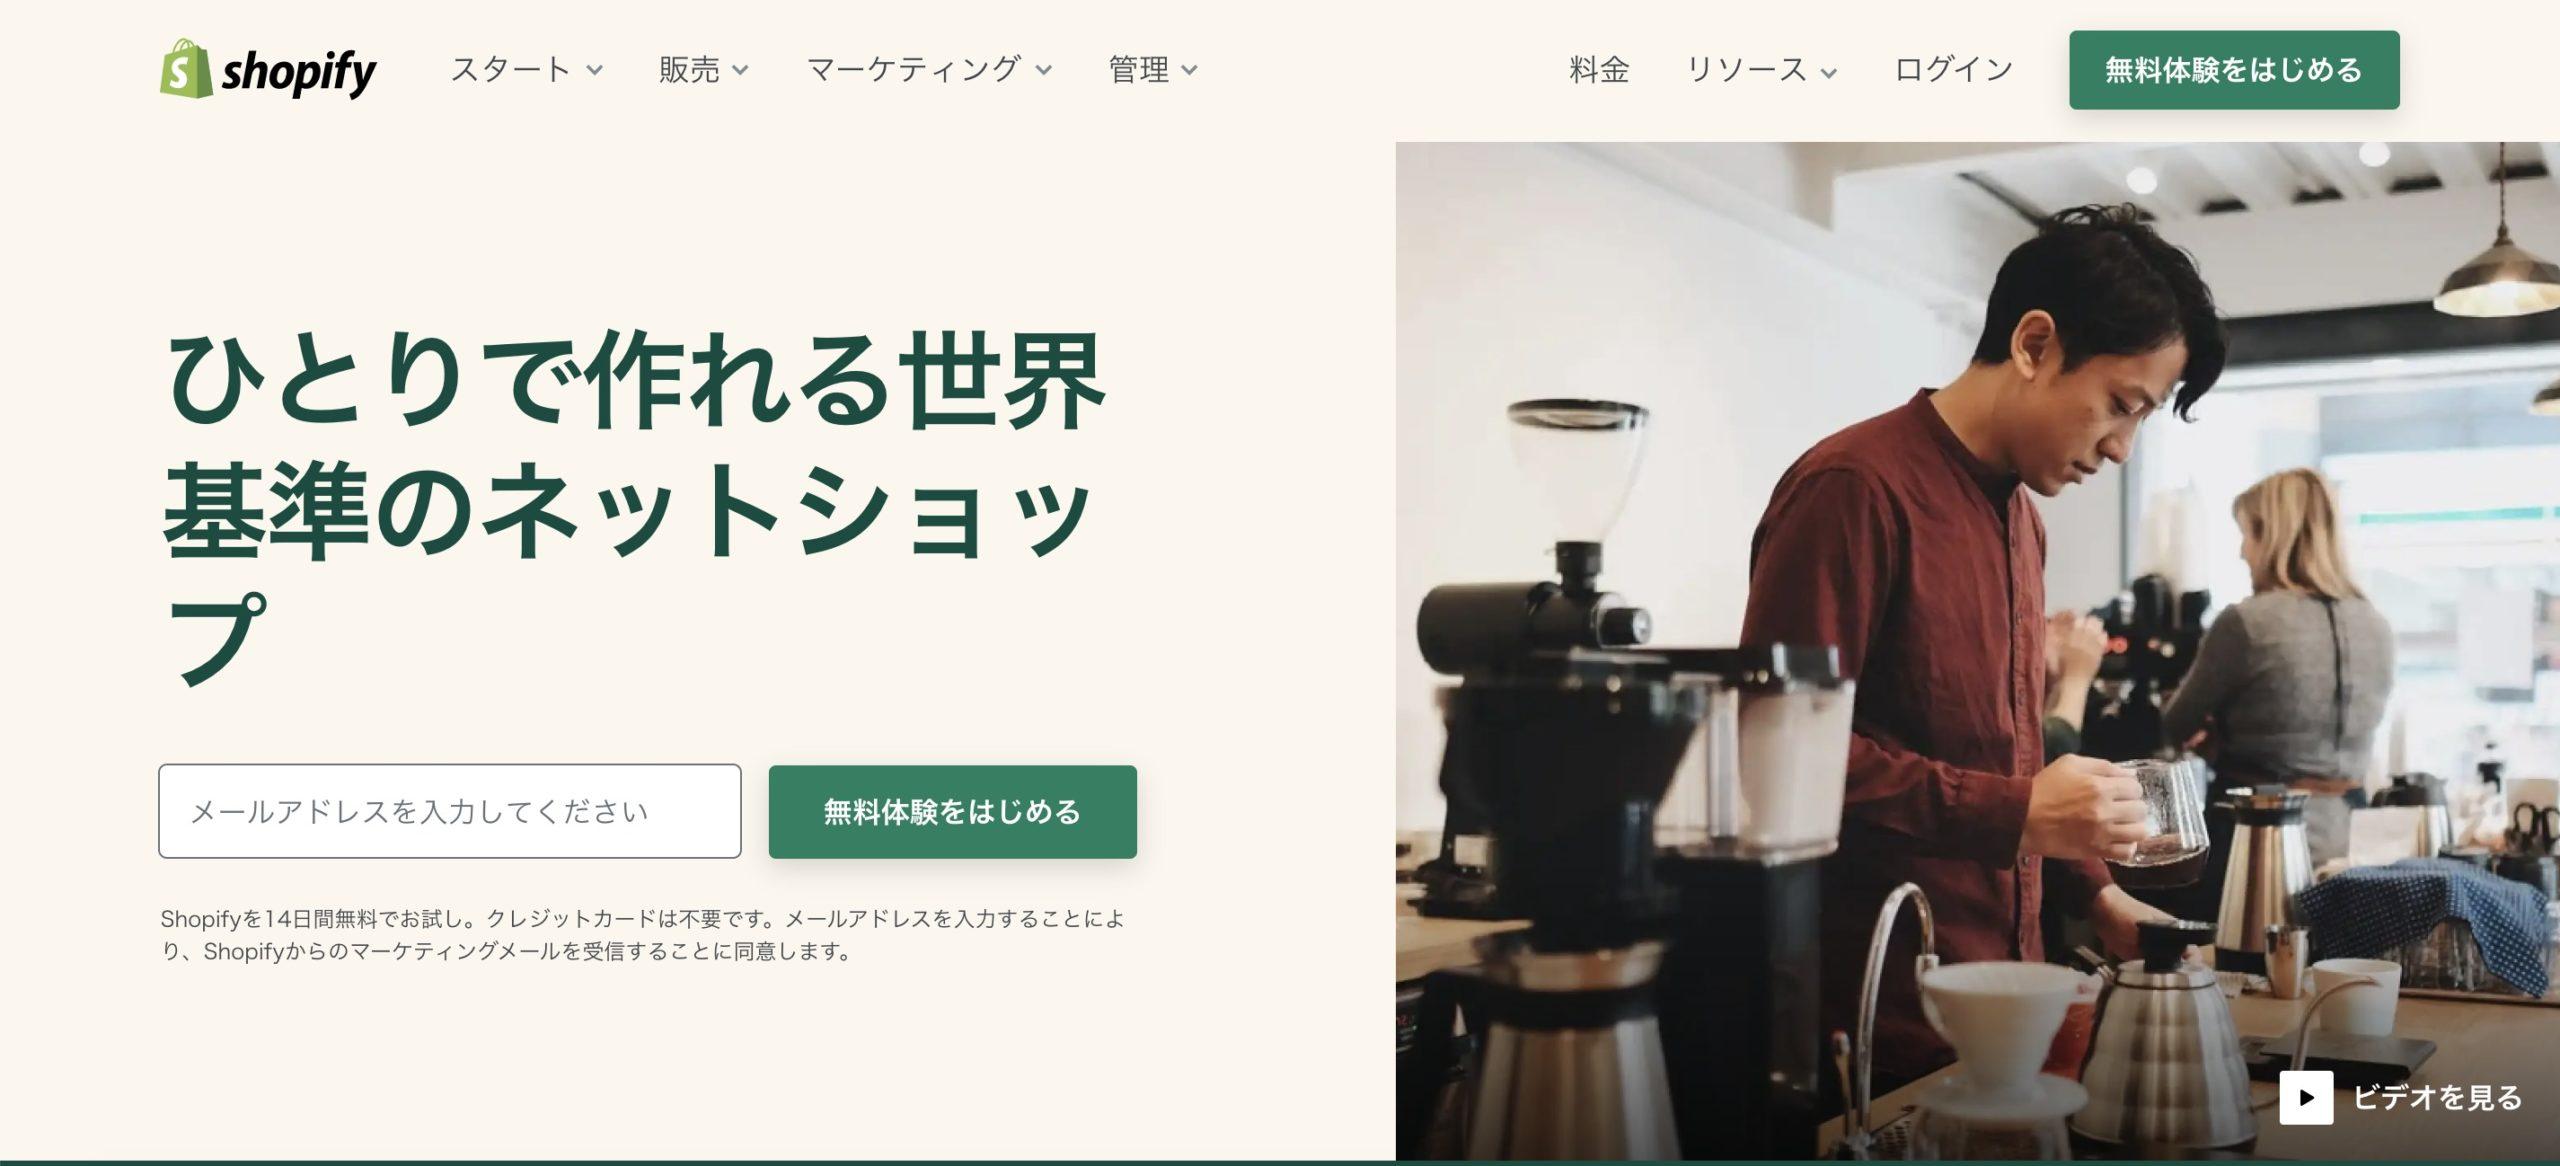 アイキャッチ画像:Eコマース用のプラットフォーム Shopify を触ってみる